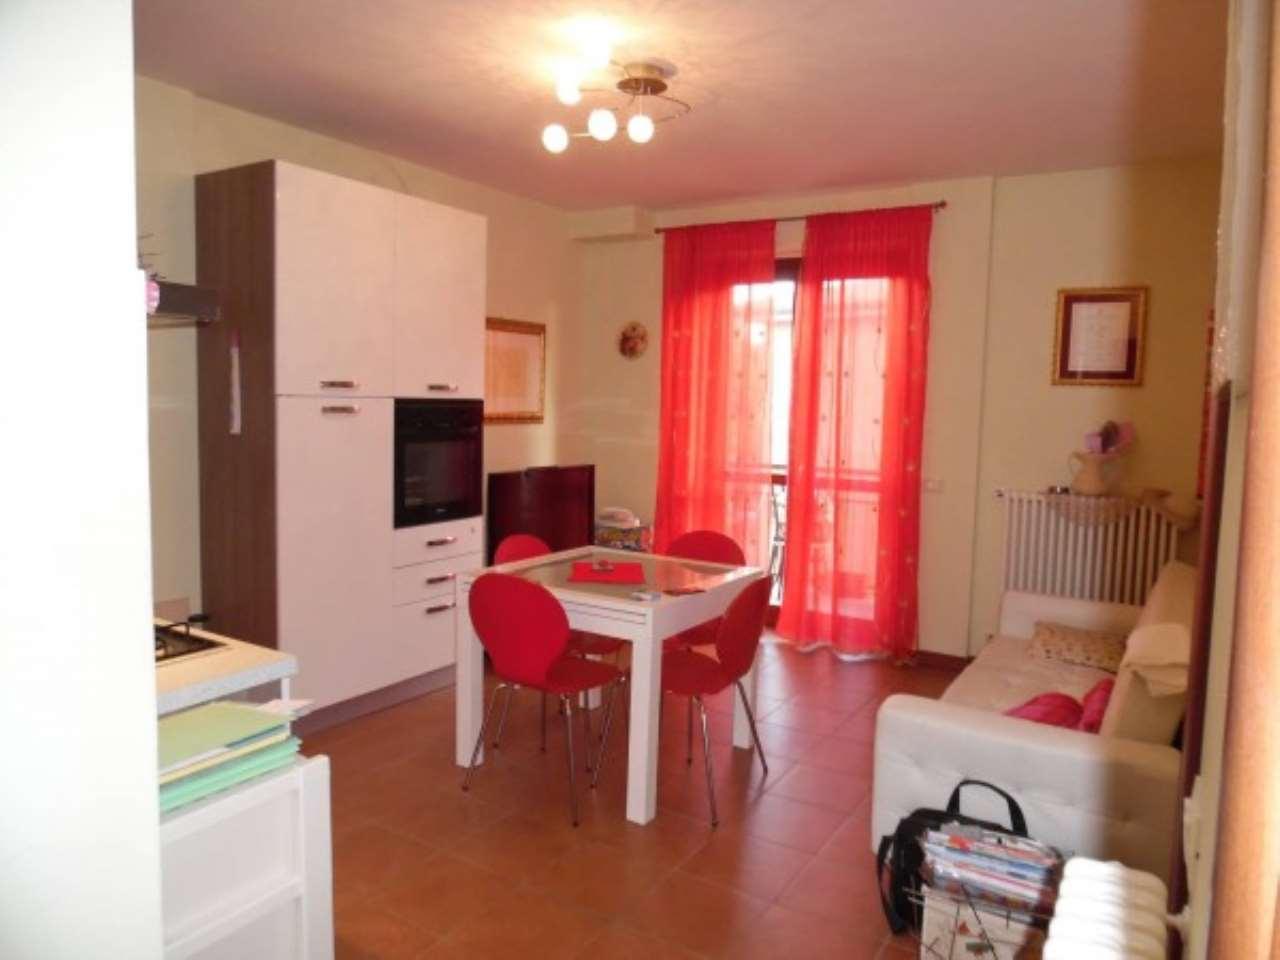 Appartamento in vendita a Rieti, 2 locali, prezzo € 105.000 | Cambio Casa.it